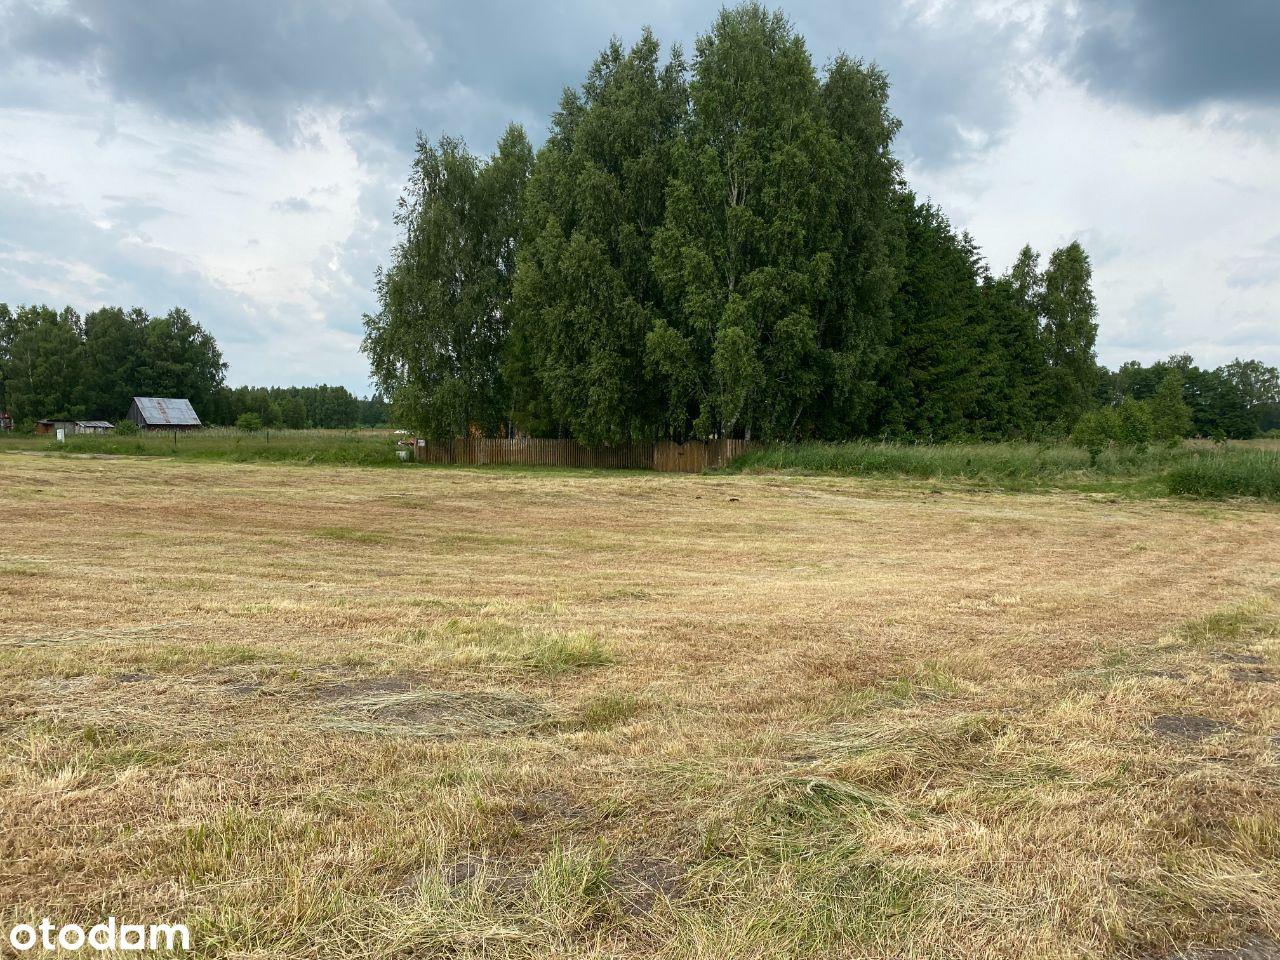 Działka rolno-rekreacyjna Strzyże (Łęcino)